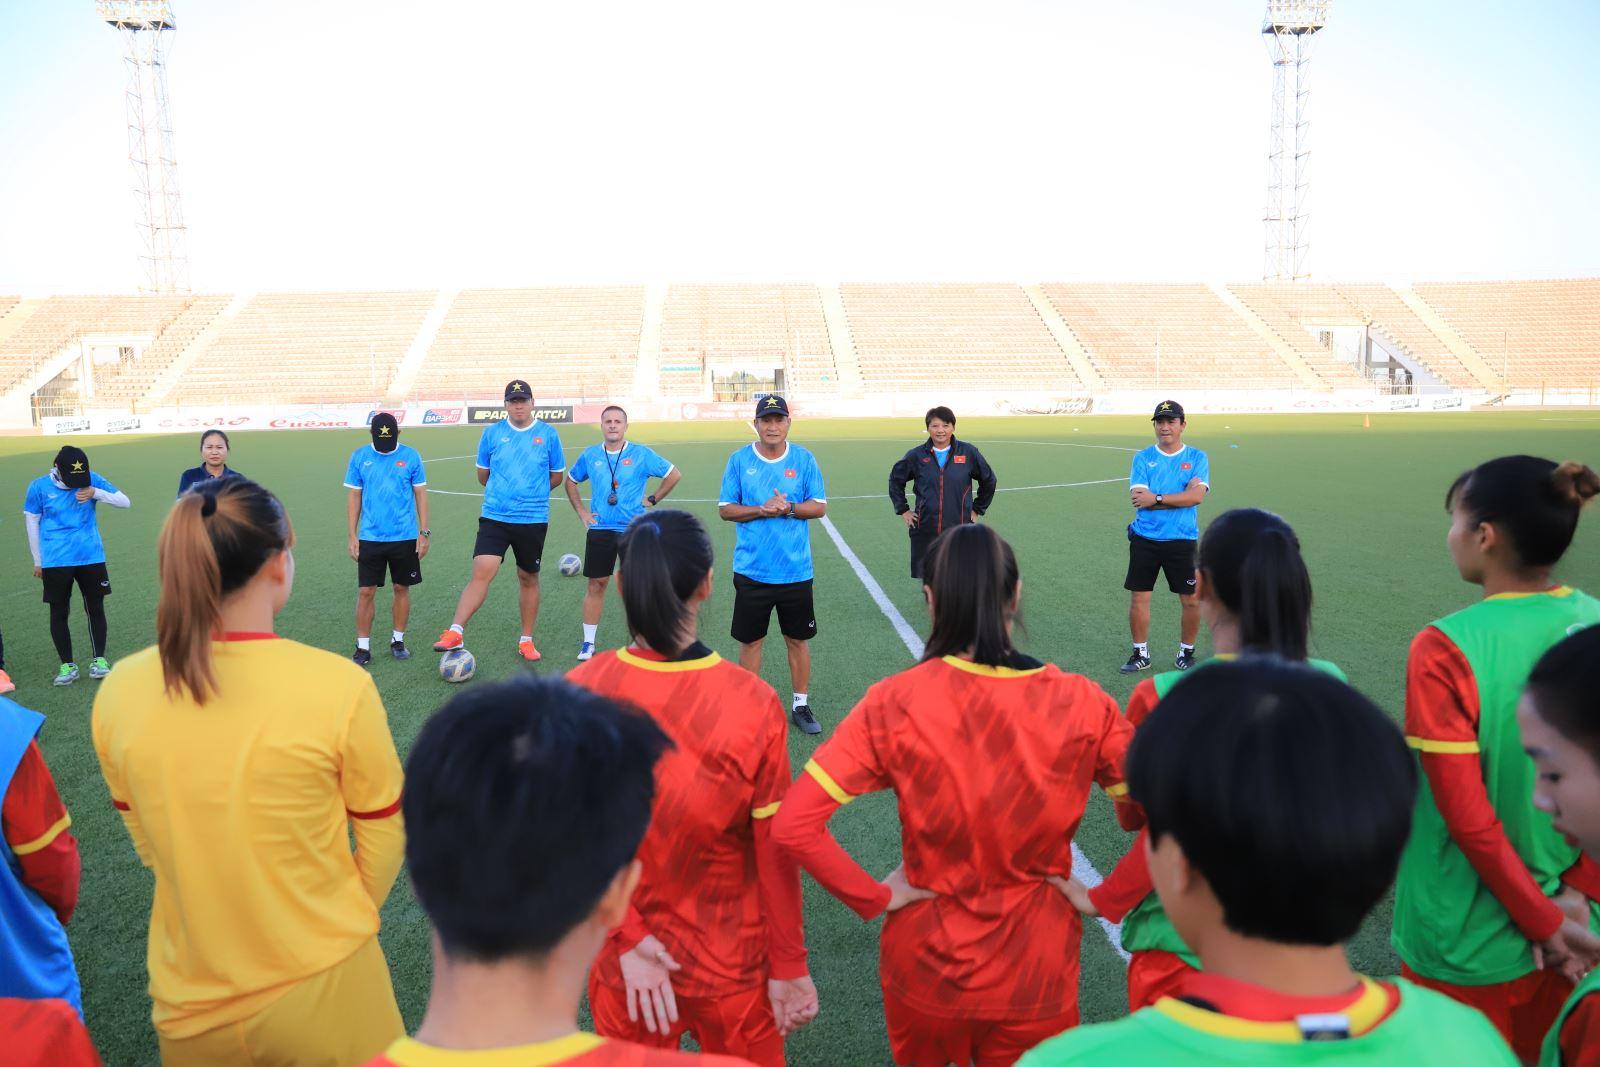 Đội tuyển Việt Nam đấu tập U22 Việt Nam, Trực tiếp ĐT Việt Nam vs U22 Việt Nam, bóng đá Việt Nam, Việt Nam vs Trung Quốc, lịch thi đấu vòng loại thứ ba World Cup